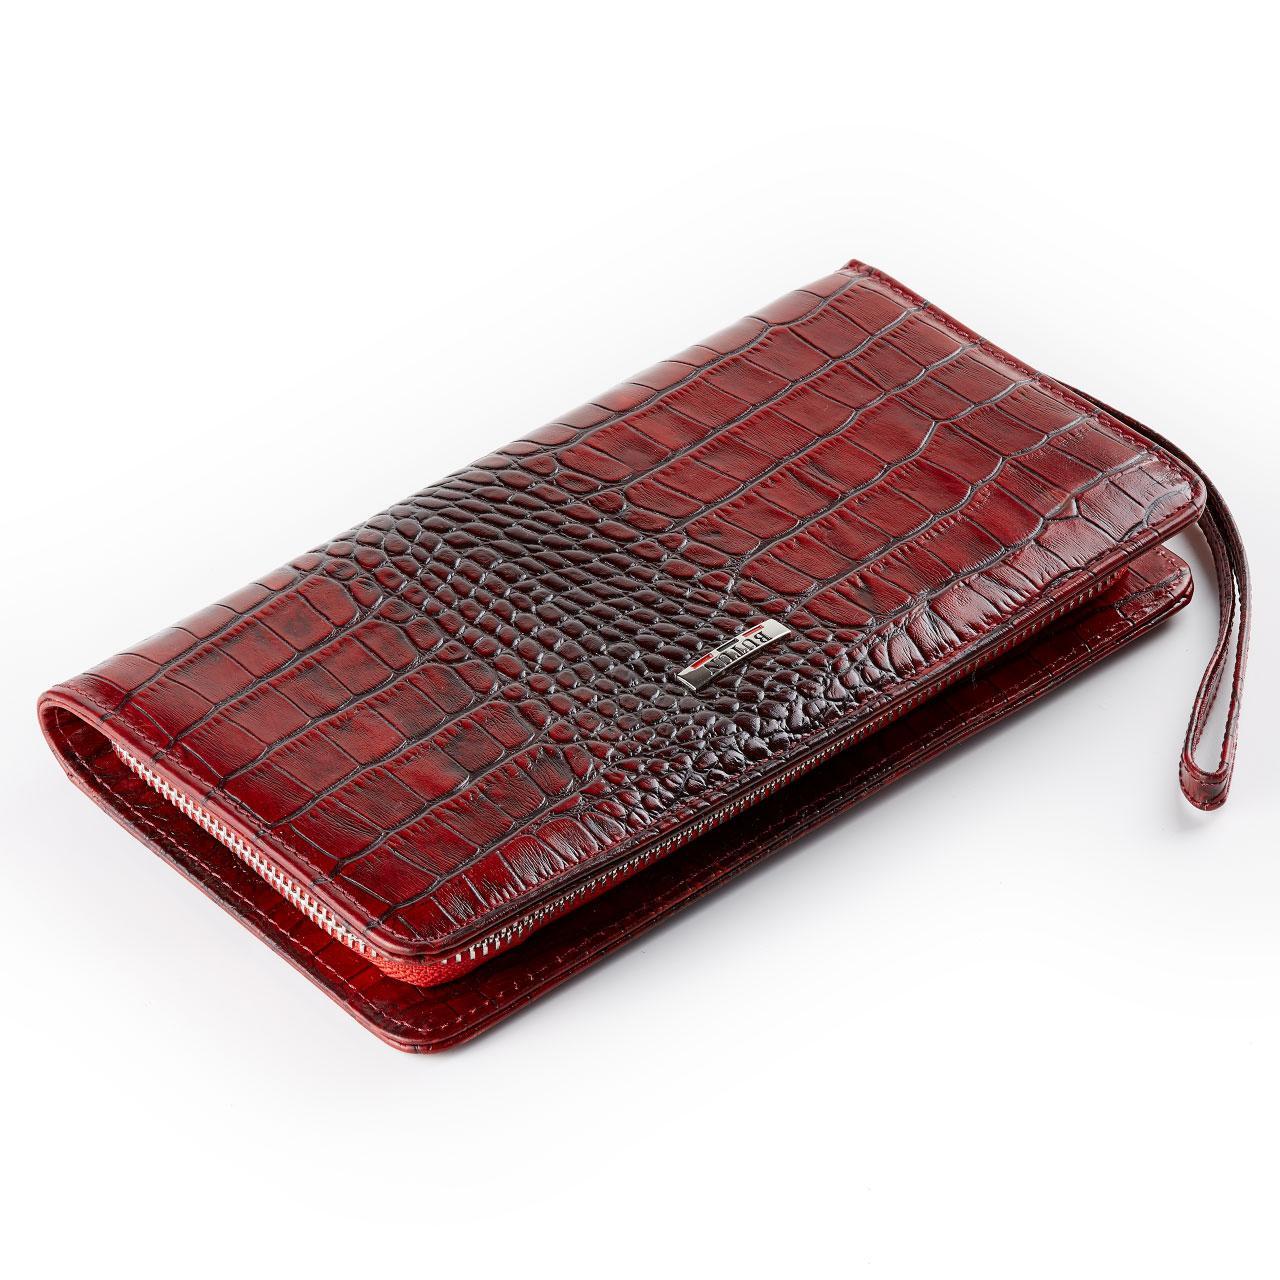 Женский кошелек клатч BUTUN 096-020-006 кожаный красный